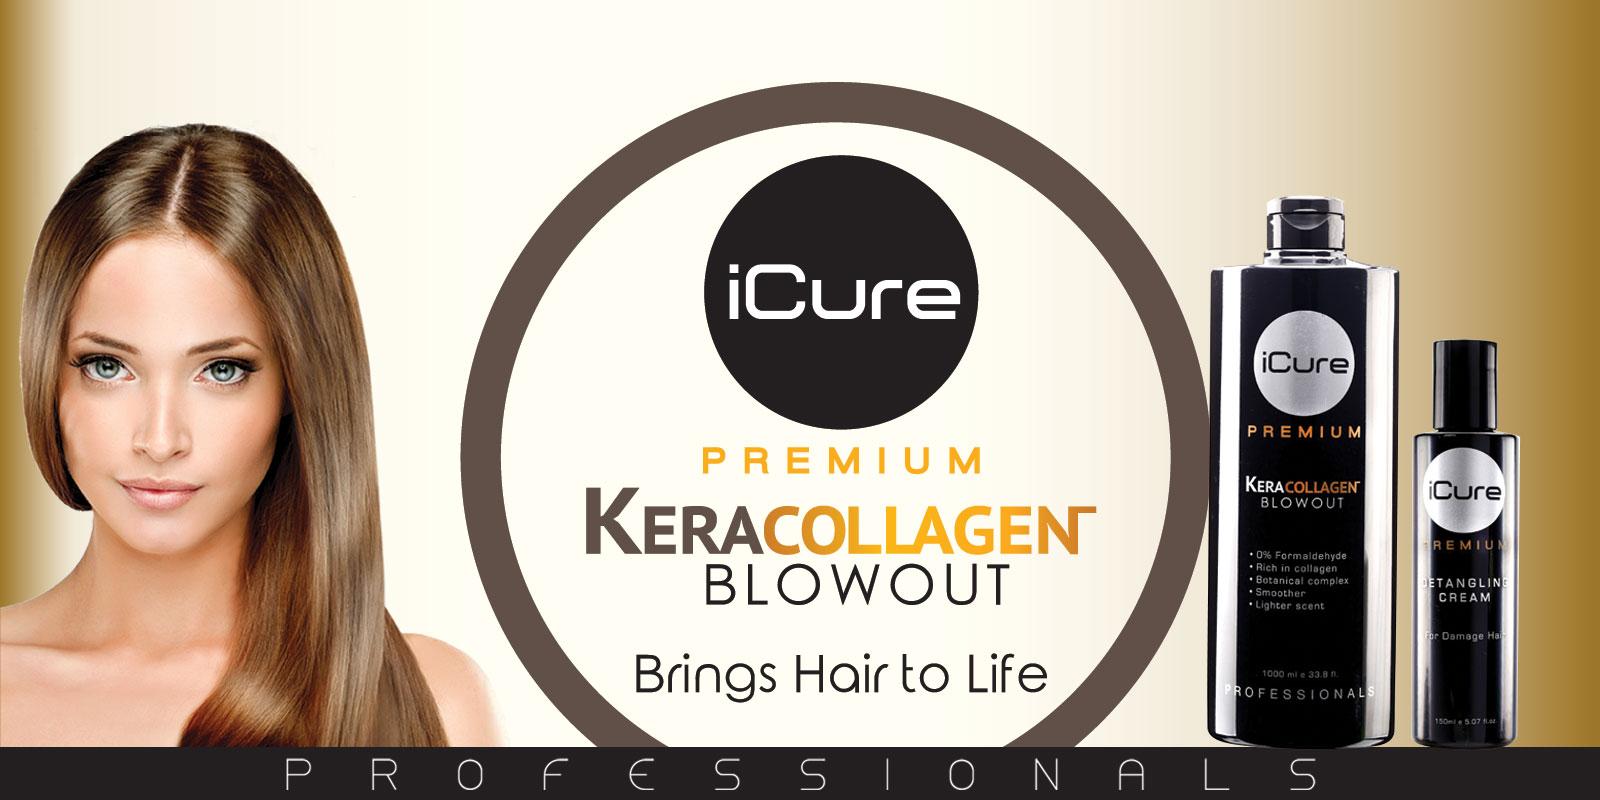 iCure Premium Kera Collagen Blowout